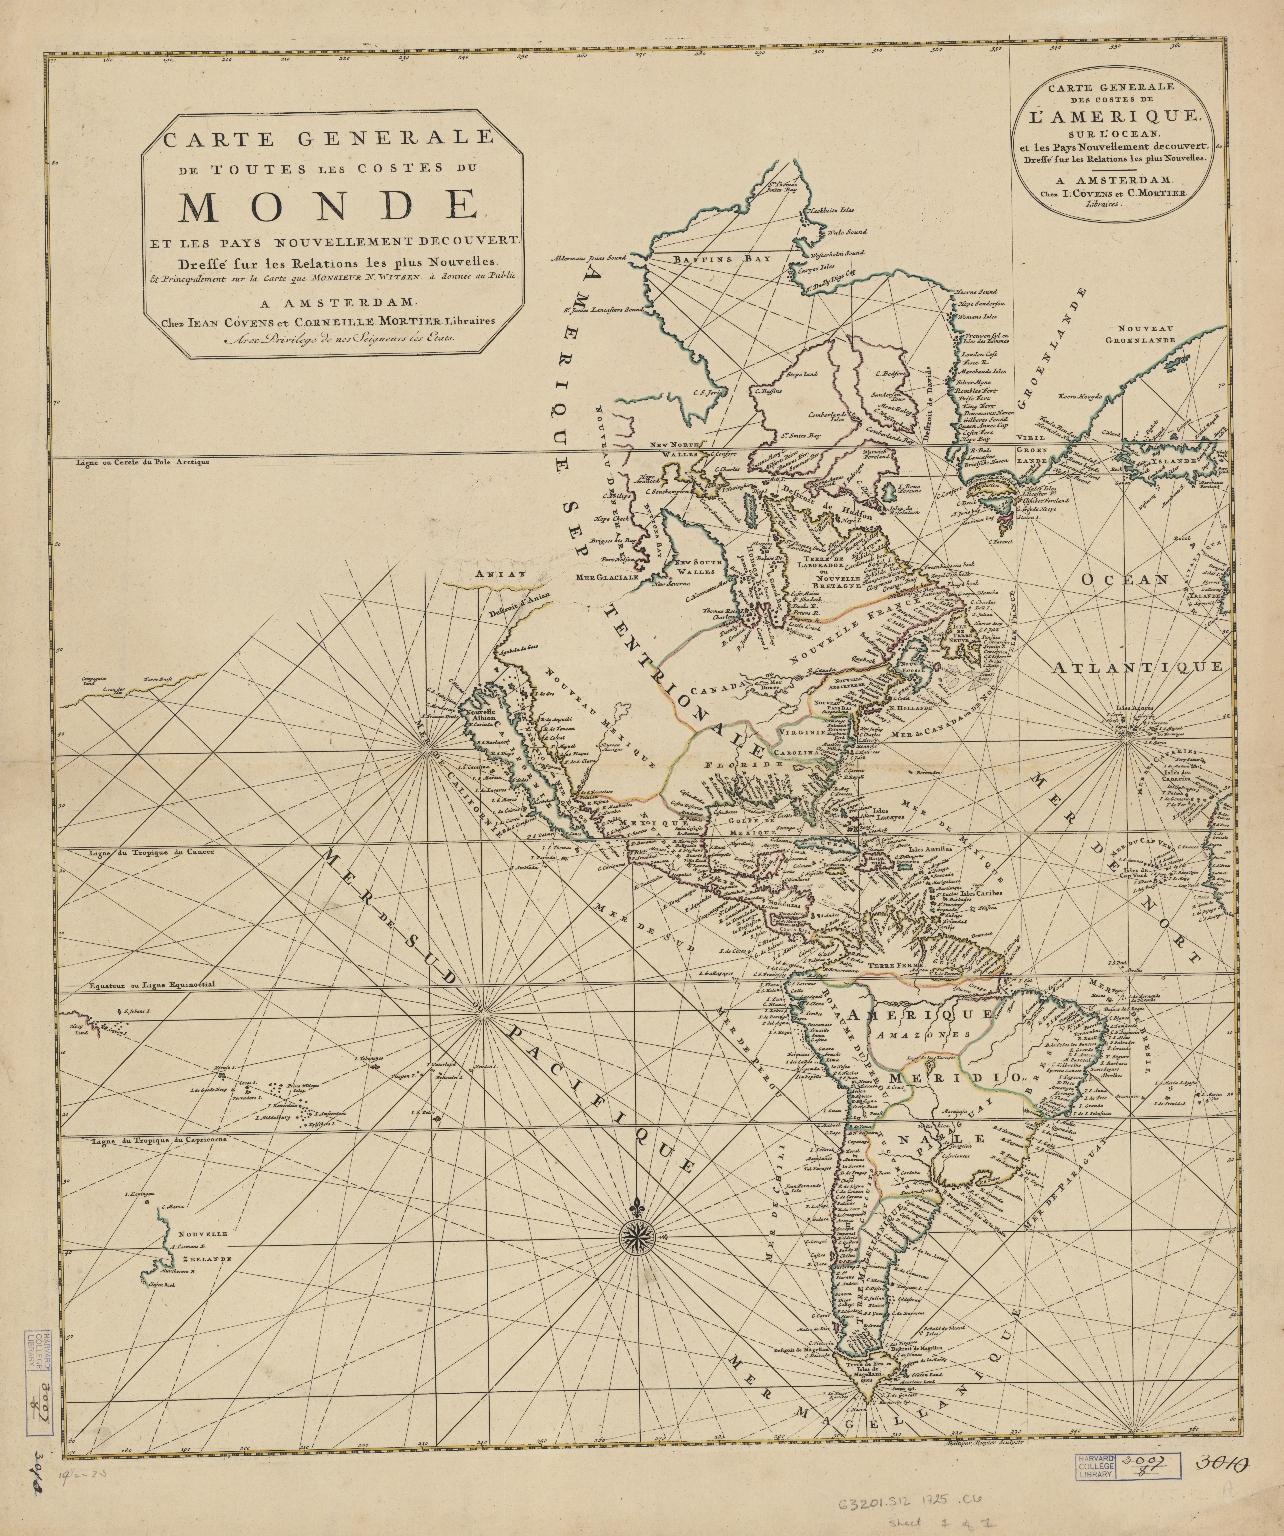 Carte generale de toutes les costes du Monde : et les pays nouvellement decouvert.Part 1